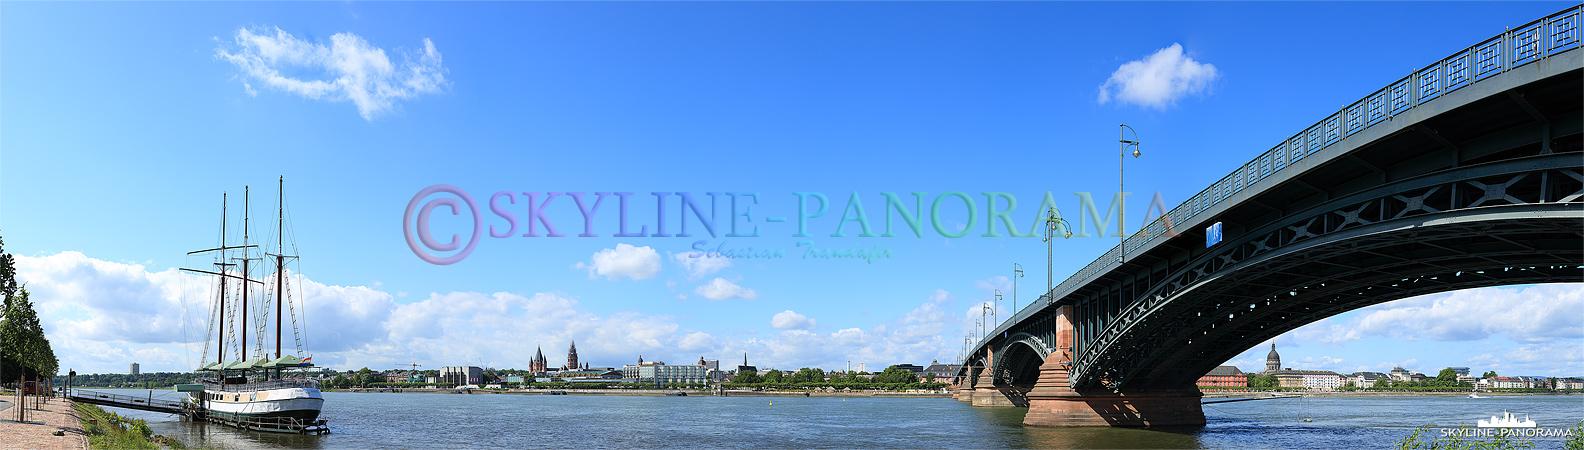 """Skyline Bild - Stadtansicht der Mainzer Skyline mit dem Restaurantschiff """"Pieter van Aemstel"""" und der Theodor-Heuss-Brücke vom Rheinufer aus gesehen."""